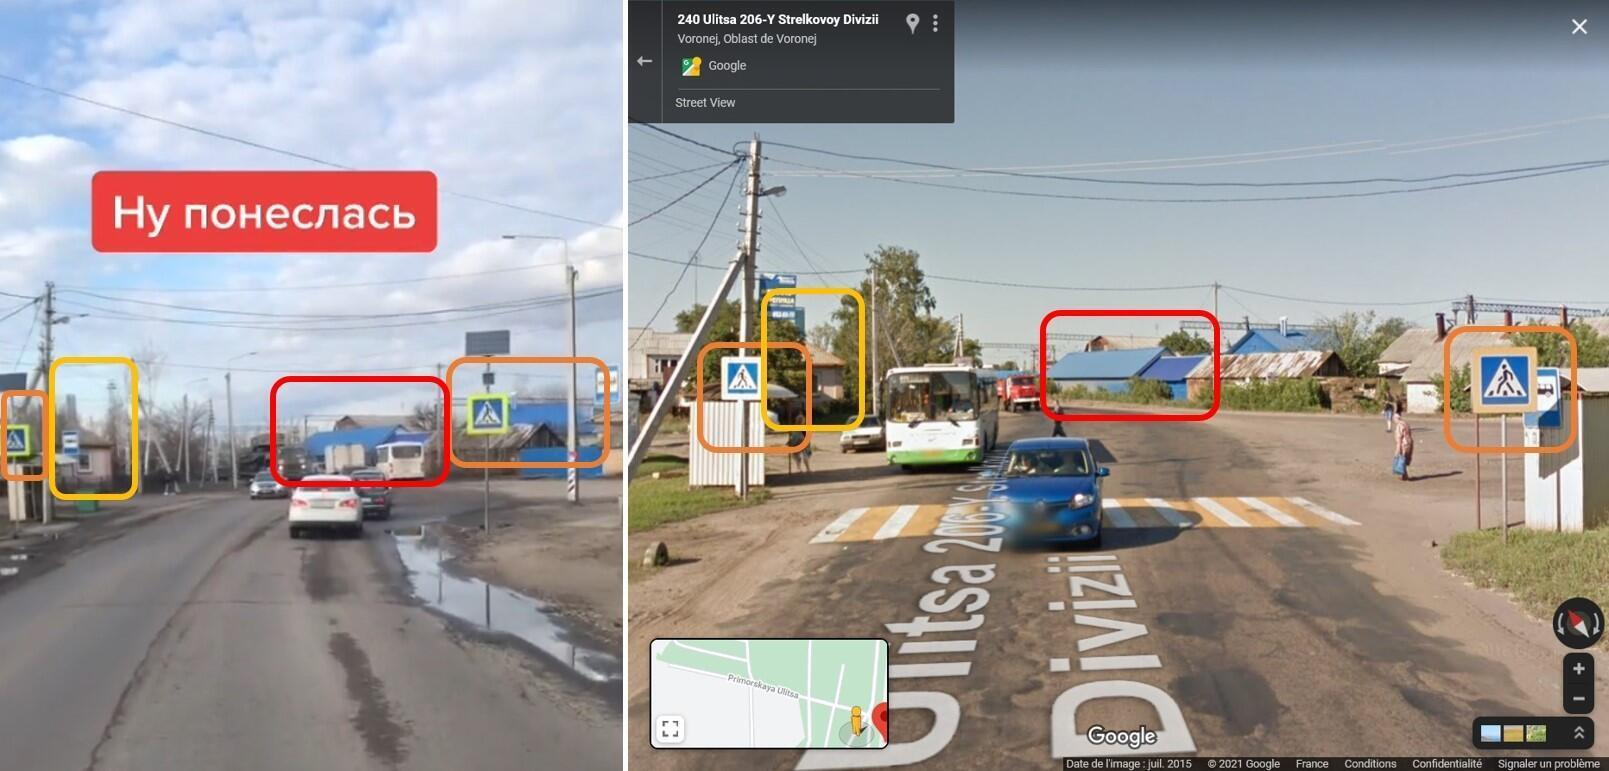 À gauche, une capture d'écran de la vidéo TikTok montrant le convoi militaire. À droite, le même lieu sur Google Street View. L'image de Google date de 2015, le passage piéton semble avoir entre-temps été effacé mais les panneaux qui l'indiquent de part et d'autre de la rue demeurent.